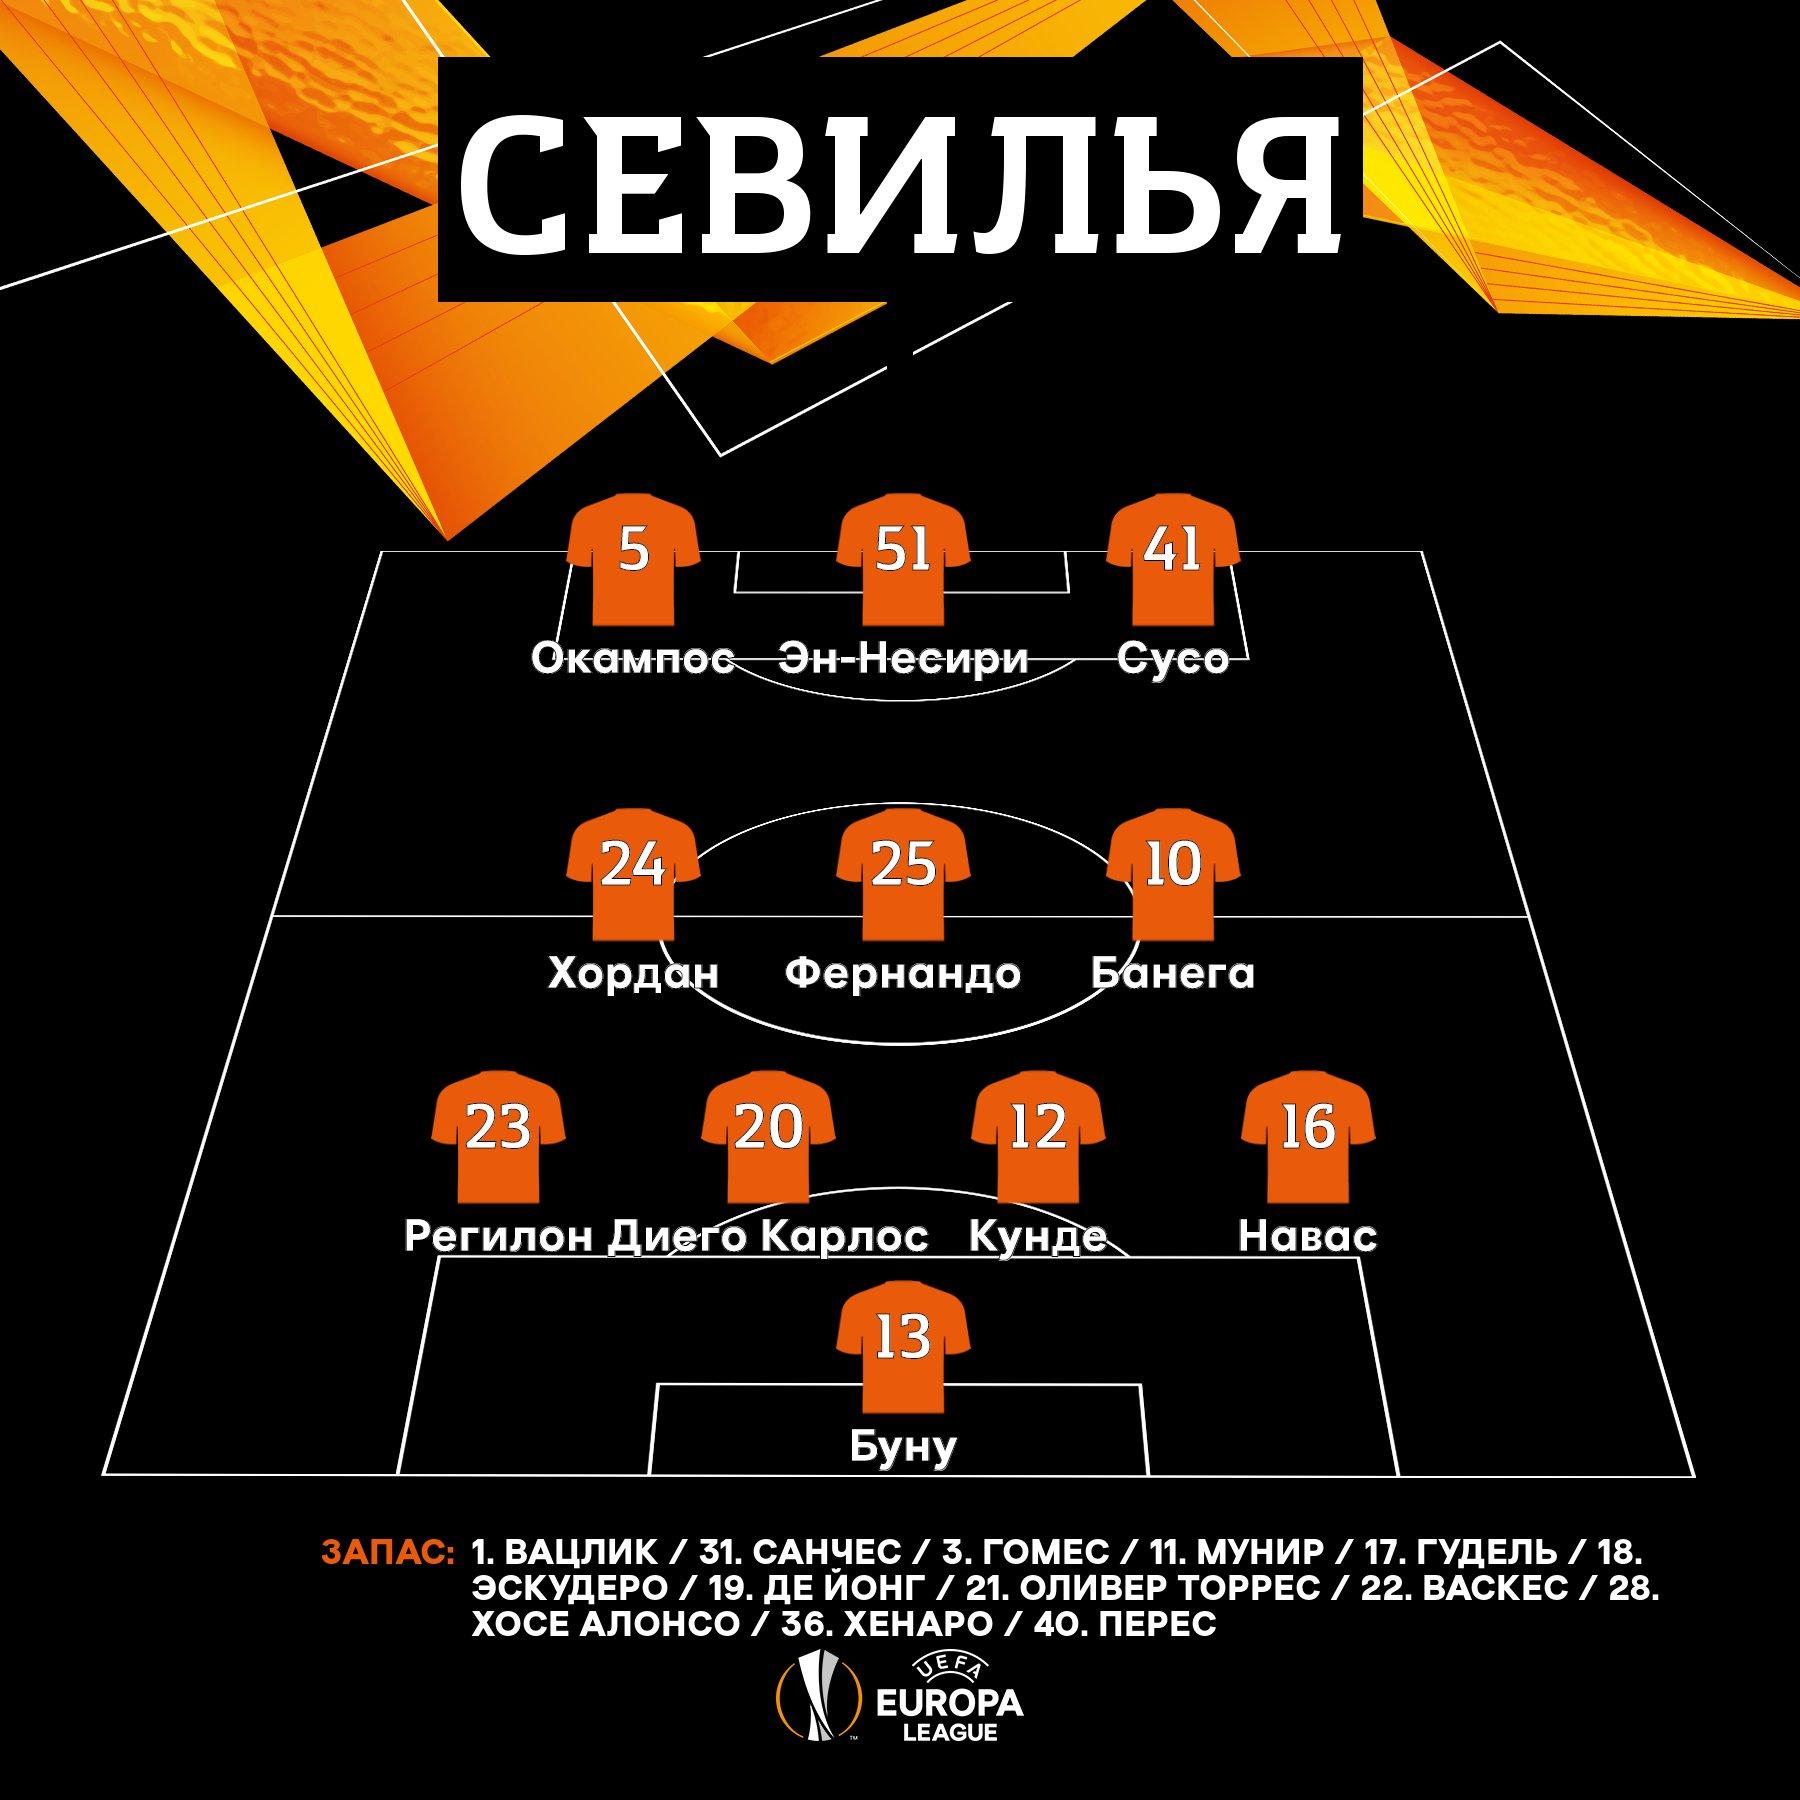 Севилья (Испания) - Манчестер Юнайтед (Англия) 2:1